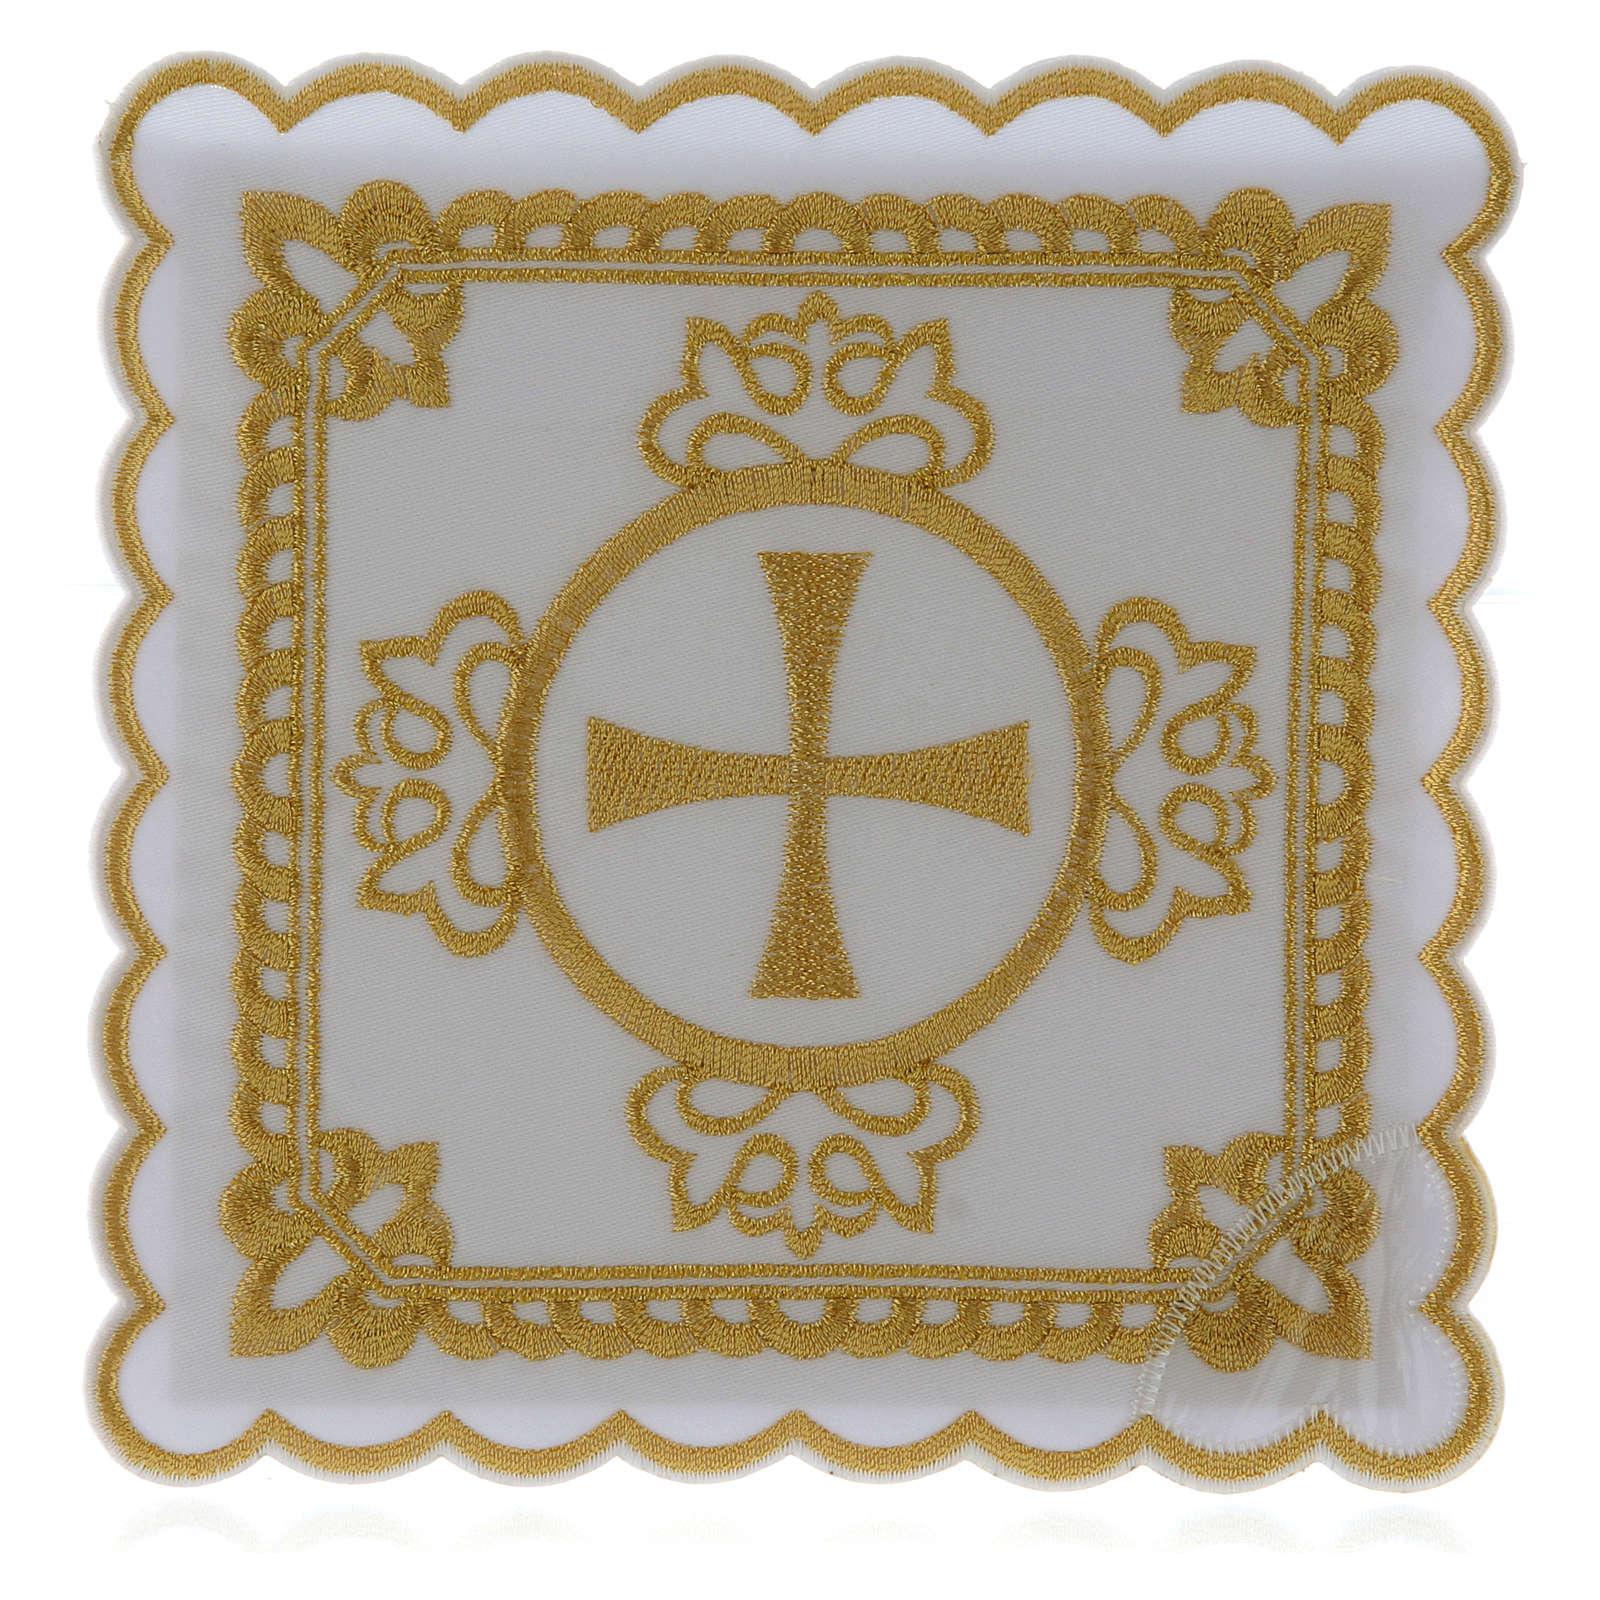 Altar linen cross, golden embroideries, cotton 4